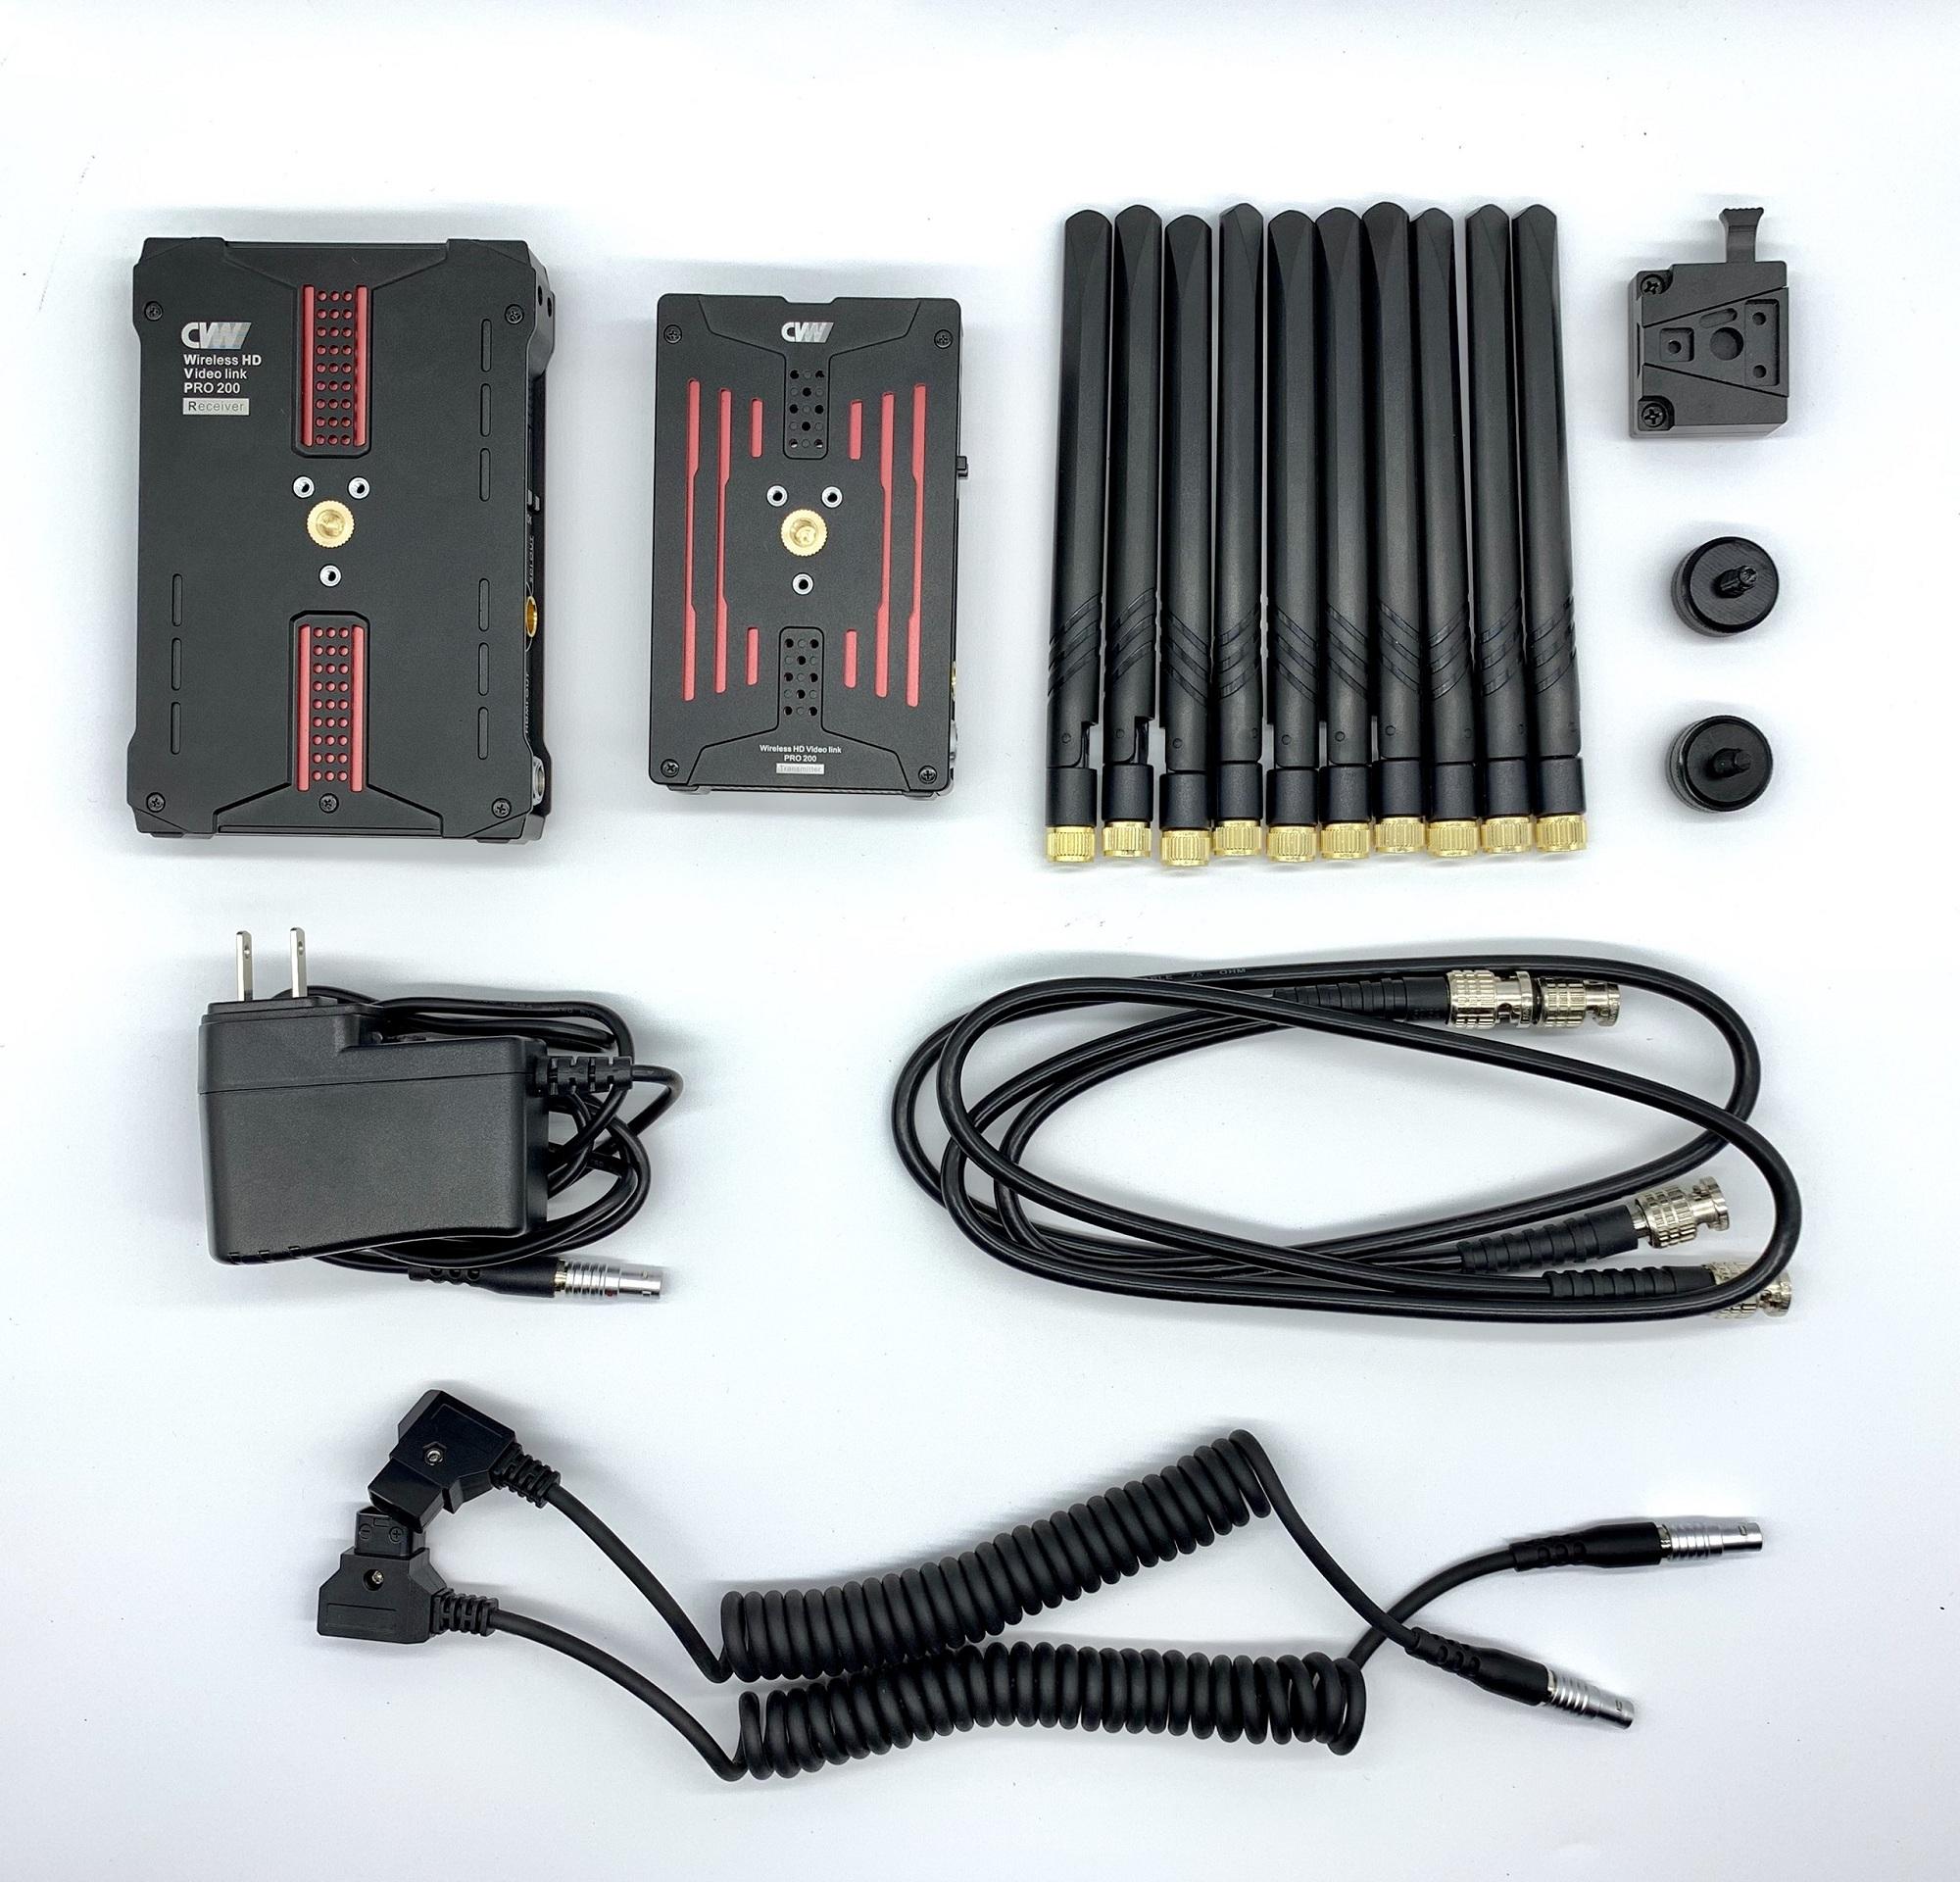 Bộ phát Video không dây CVW Pro 200